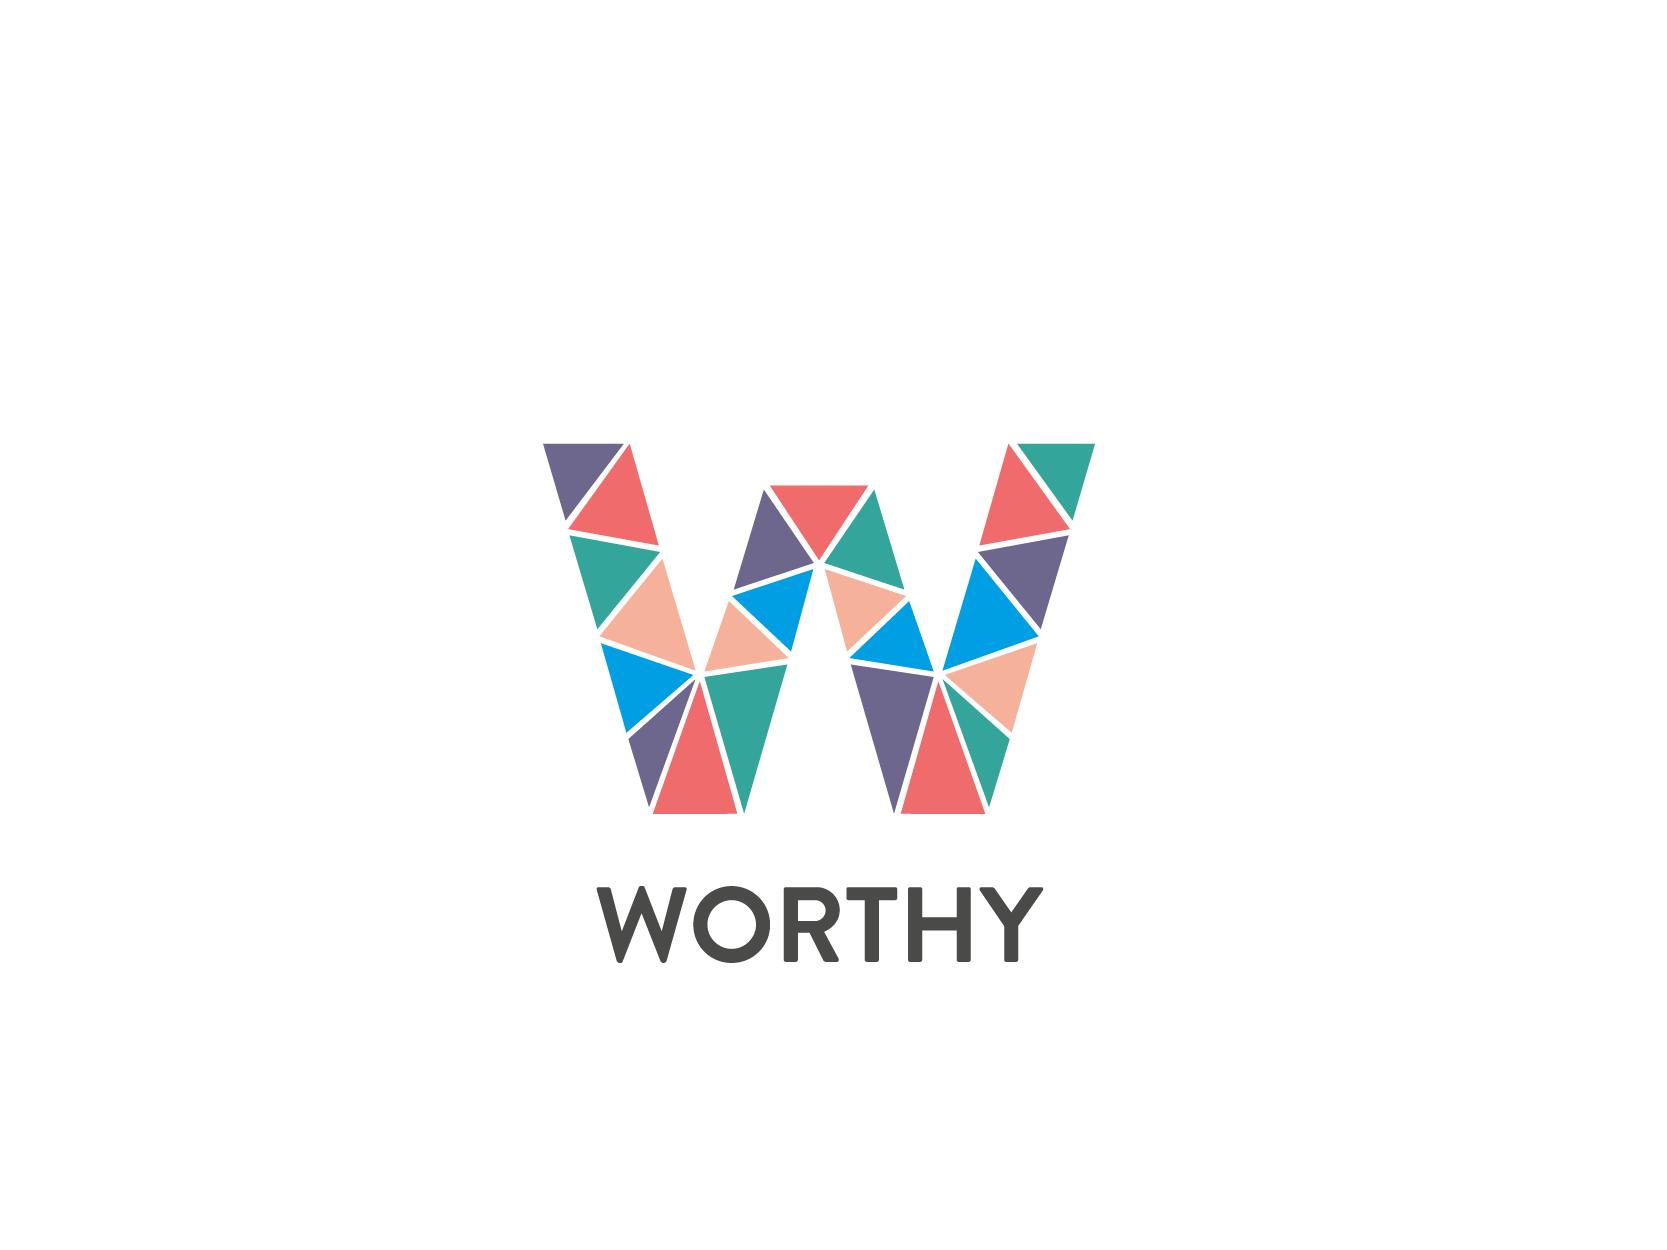 Logo projektu Worthy - litera W złożona z wielu kolorowych elementów